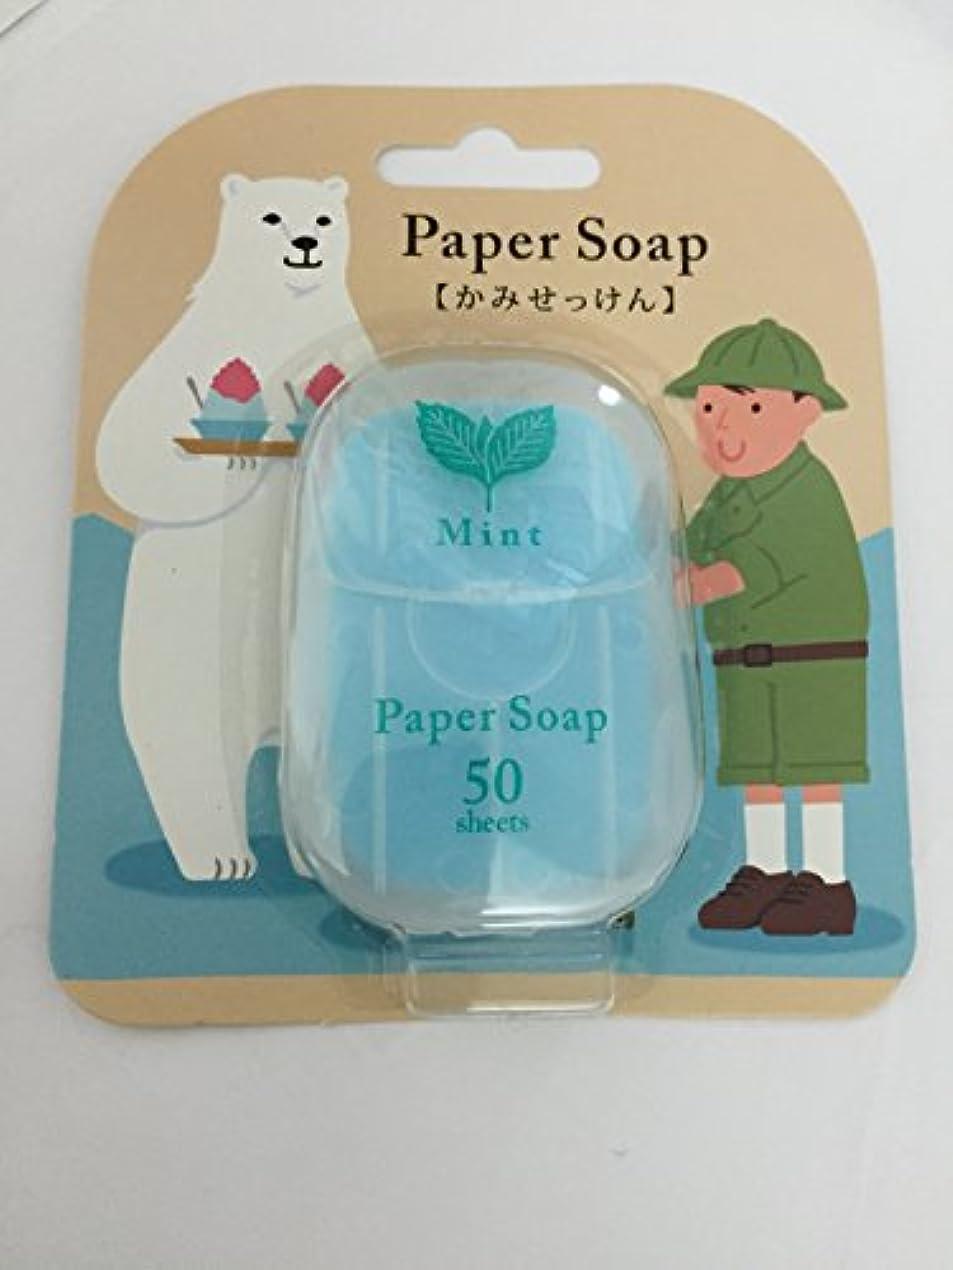 パイ殺人意味のあるペーパーソープ(かみせっけん) ミントの香り 新商品